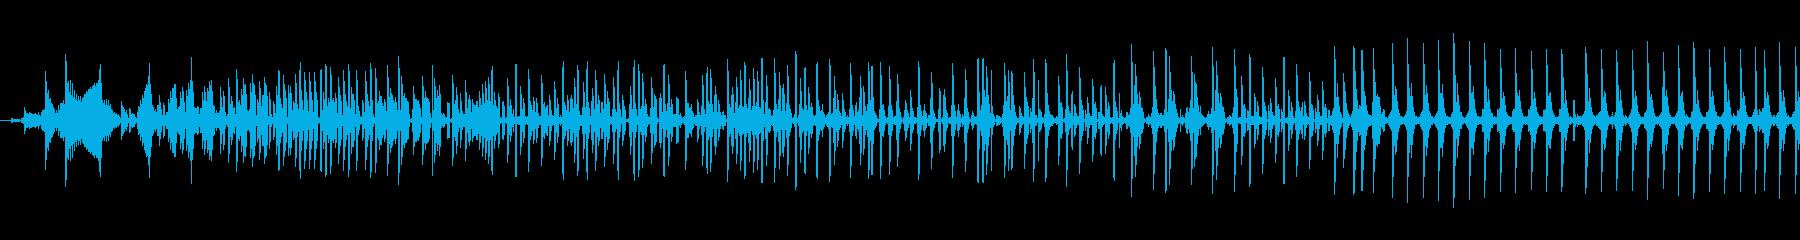 データ通信転送テキストバズの再生済みの波形